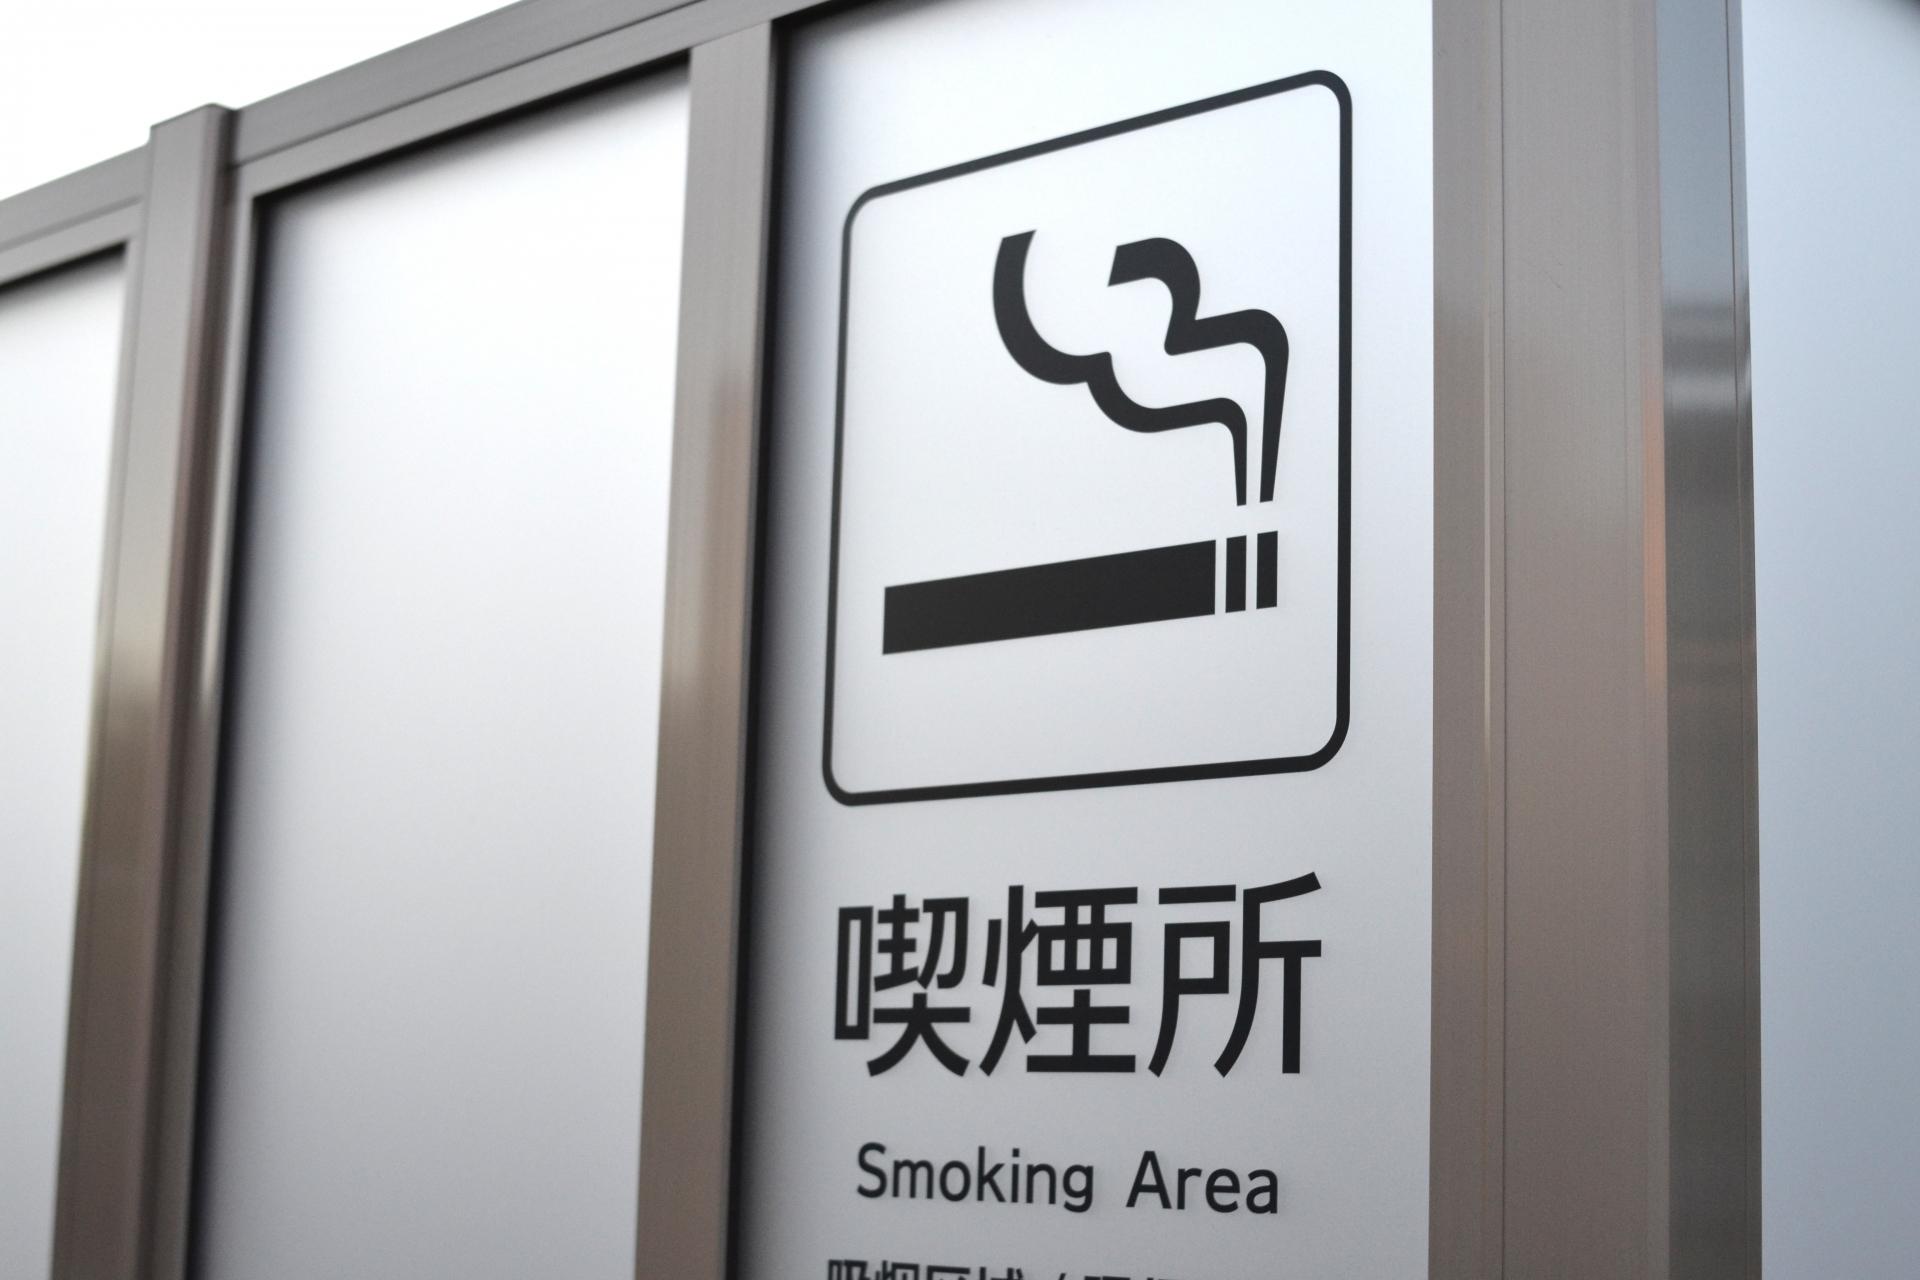 【MAP付き】川越駅周辺にある無料で利用可能な喫煙所まとめ